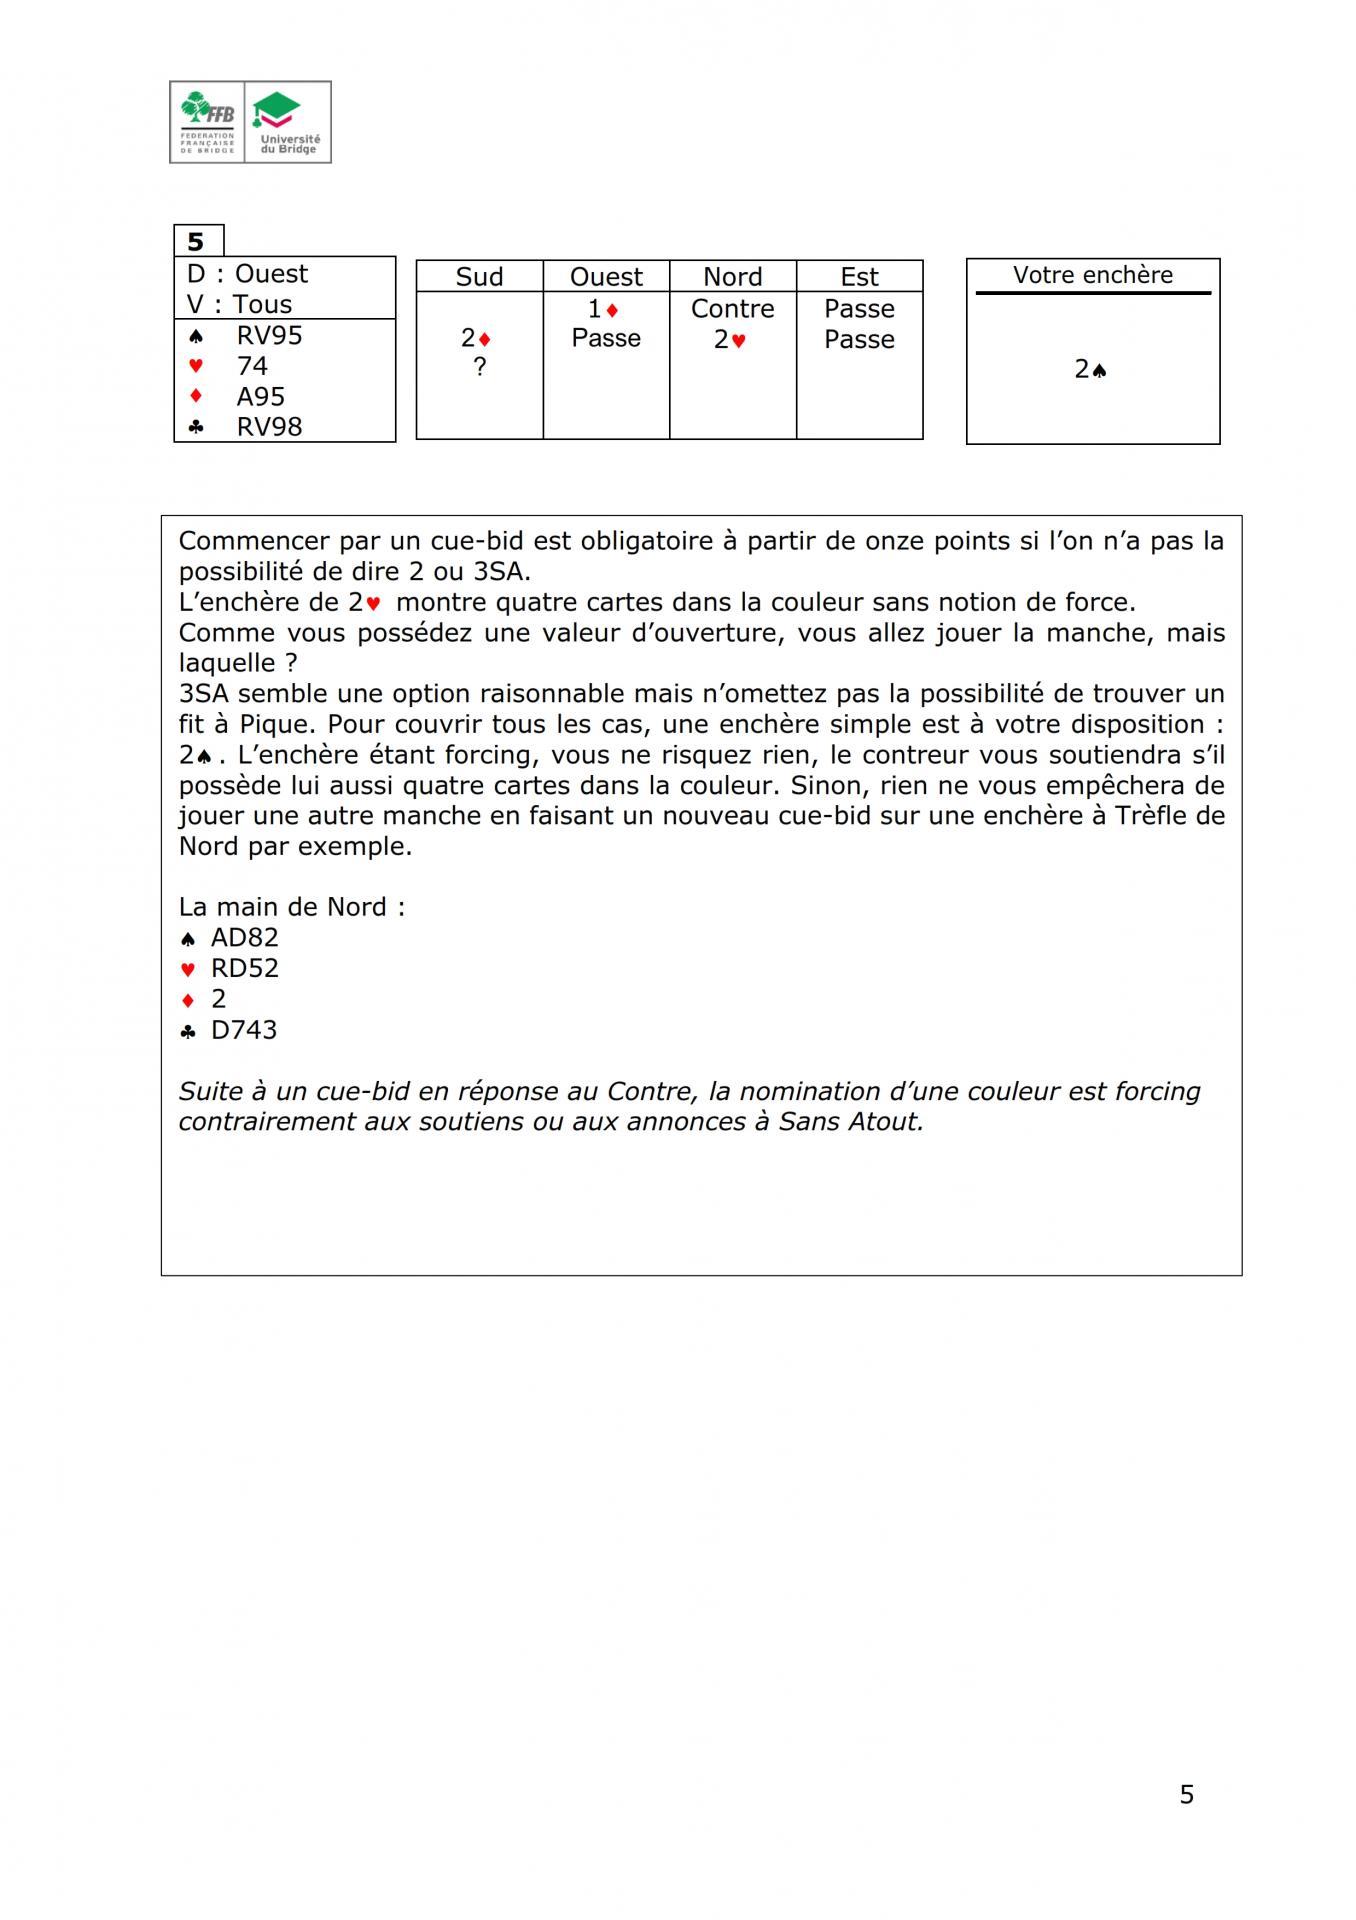 Formation continue des moniteurs solutions mars2020 005